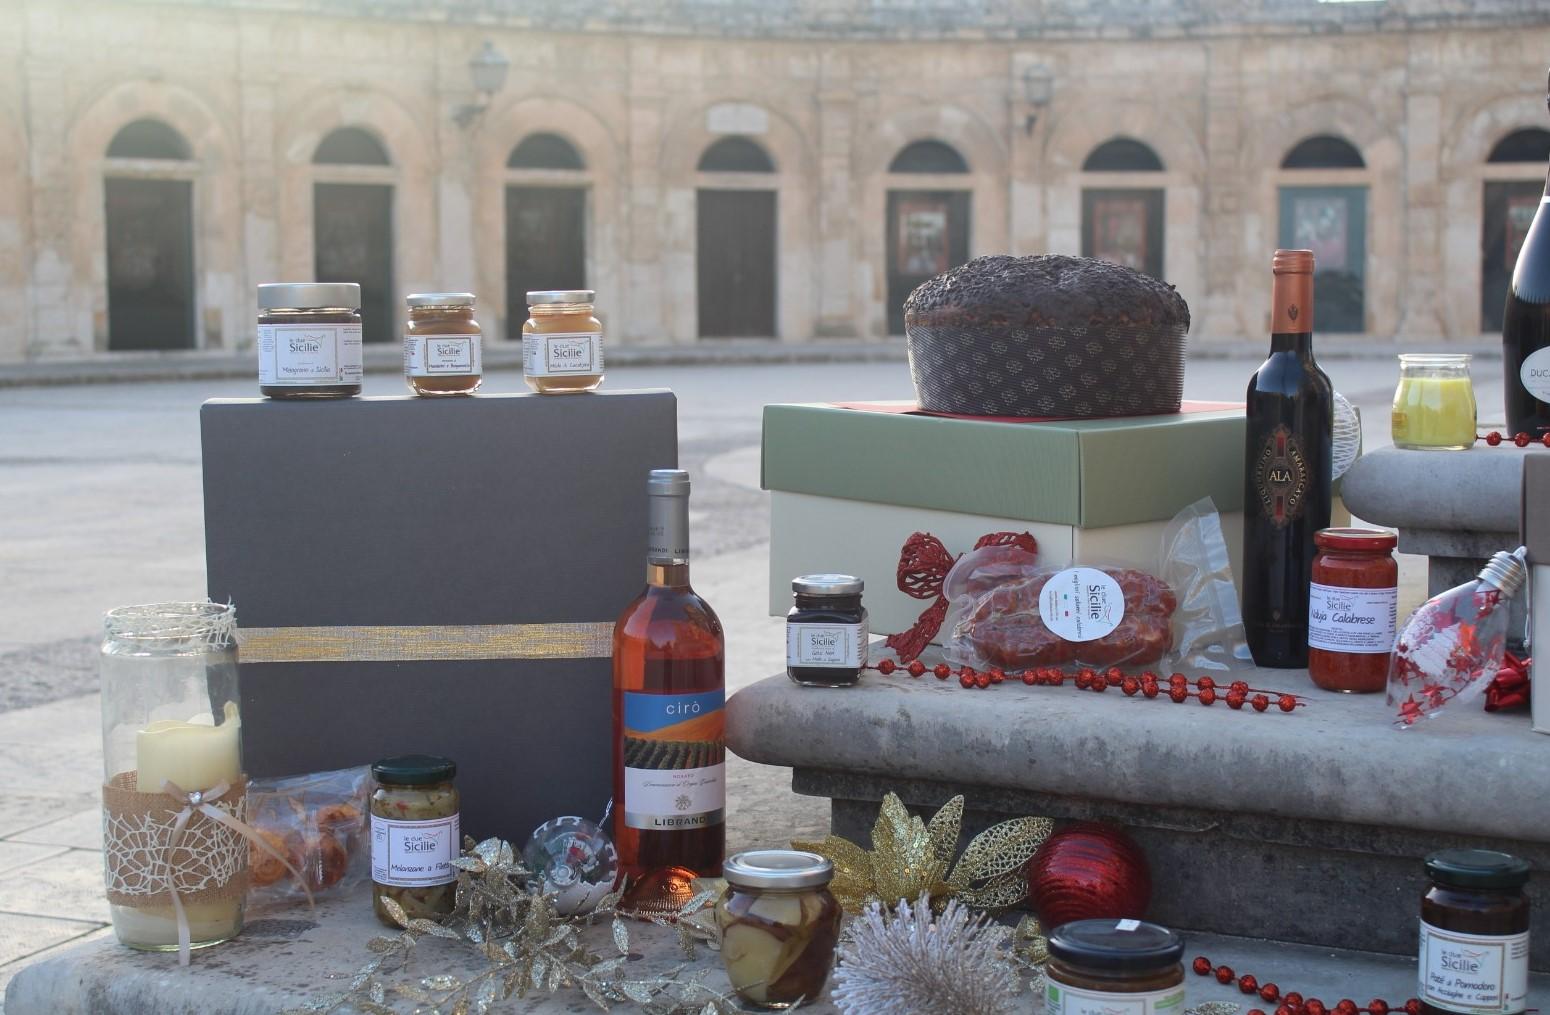 Le Due Sicilie, festeggia due anni l'e-commerce delle specialità gastronomiche siciliane e calabresi